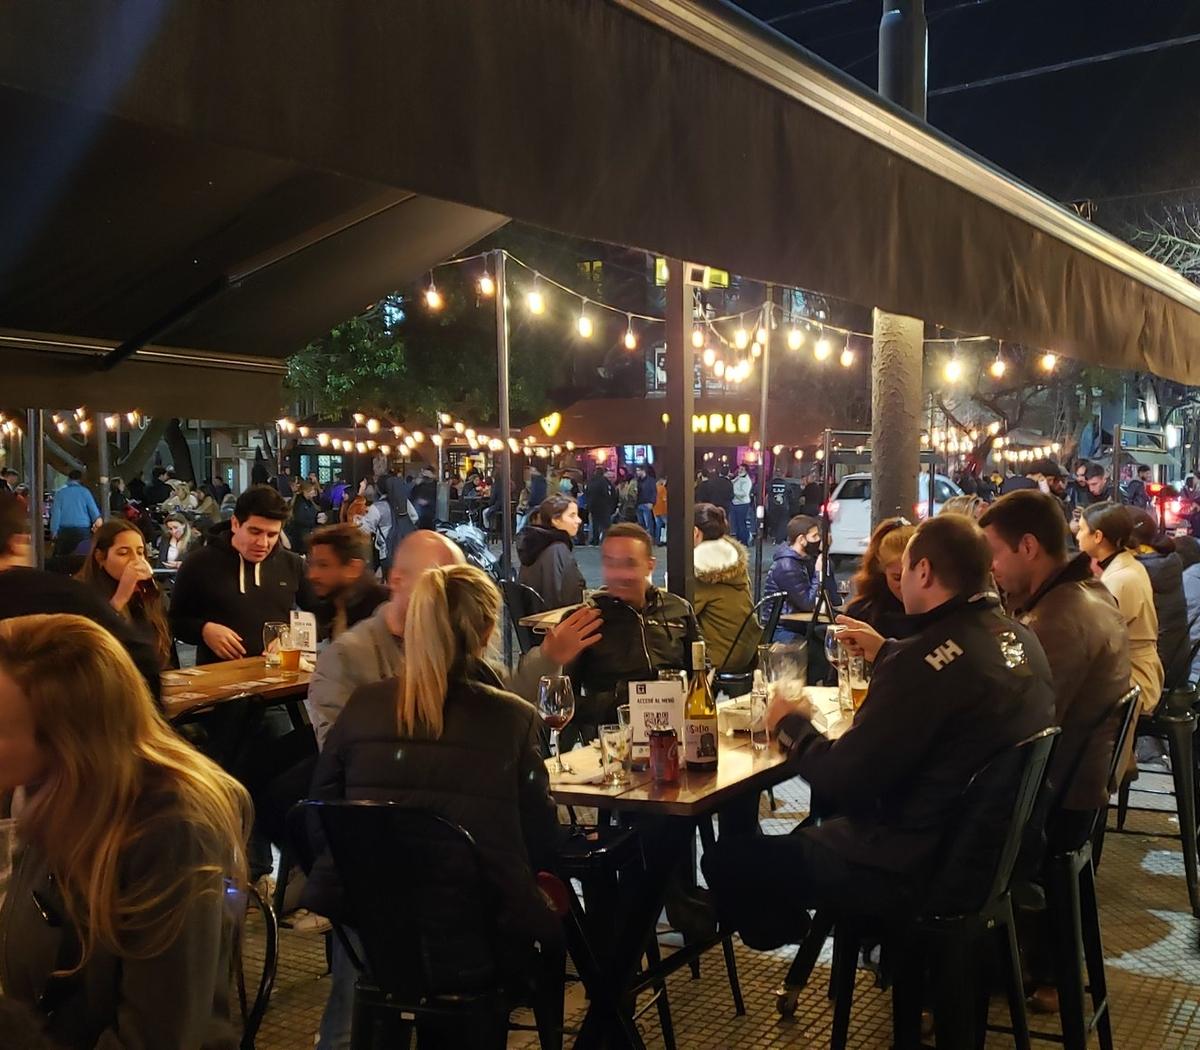 Las fotos y videos de la aglomeración en los bares ... | Página12